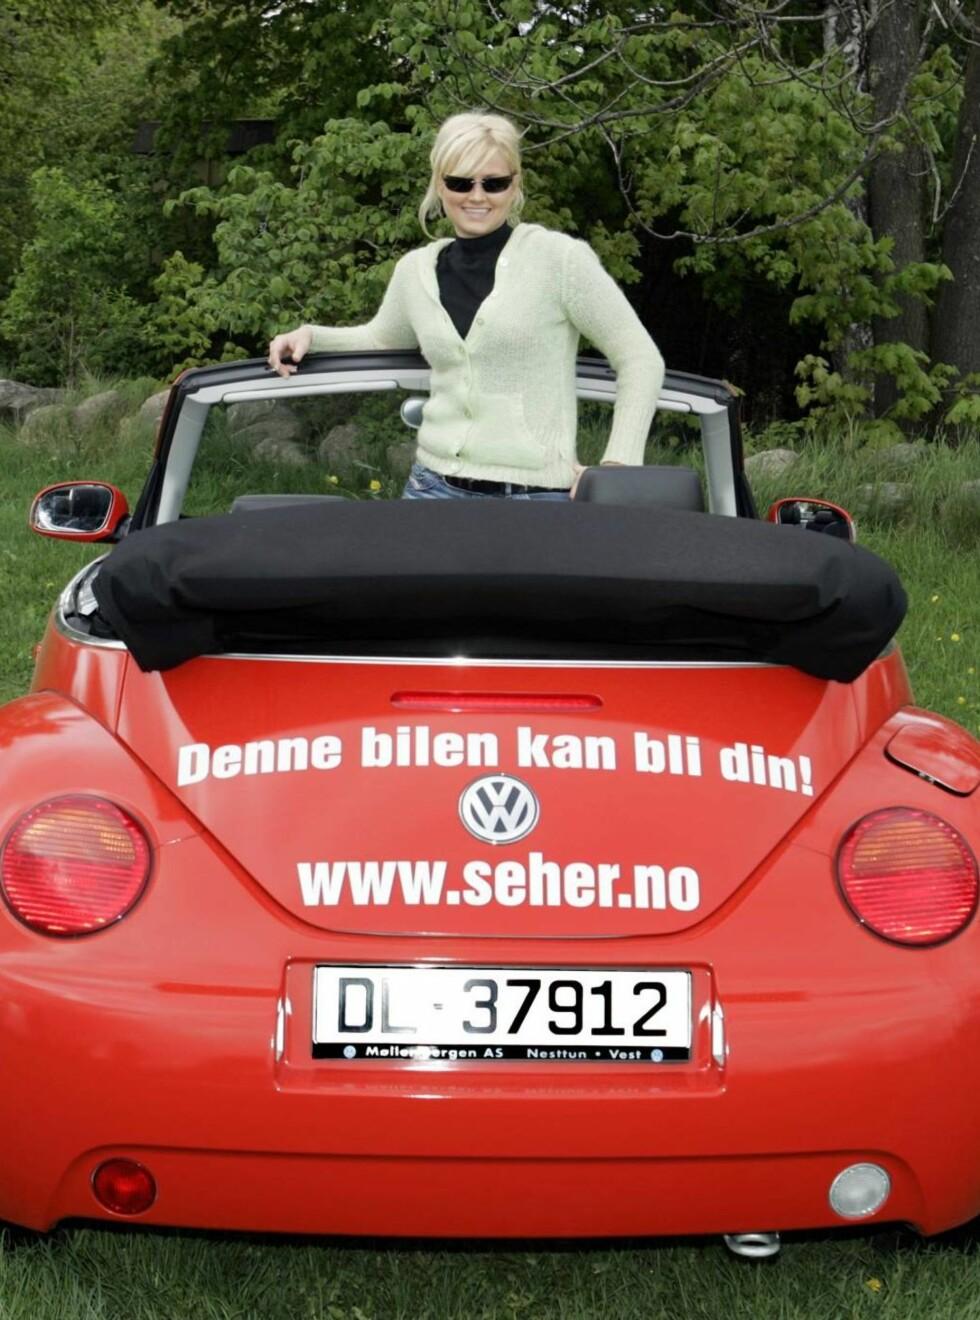 STRØKEN: Mer enn 33 000 har deltatt i vår sommerkonkurranse. En av dem kjører avgårde med Bobla !   Foto: Geir Egil Skog, frilansfoto.no